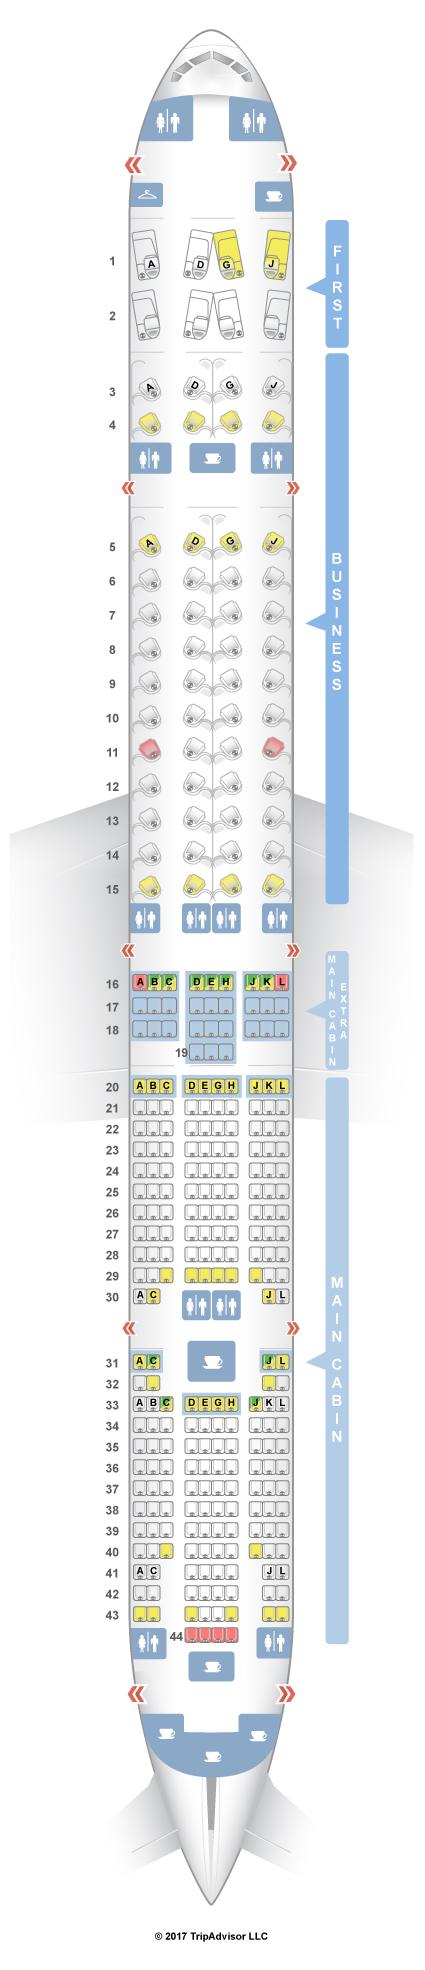 SeatGuru Seat Map American Airlines Boeing ER W - Us airways seating map